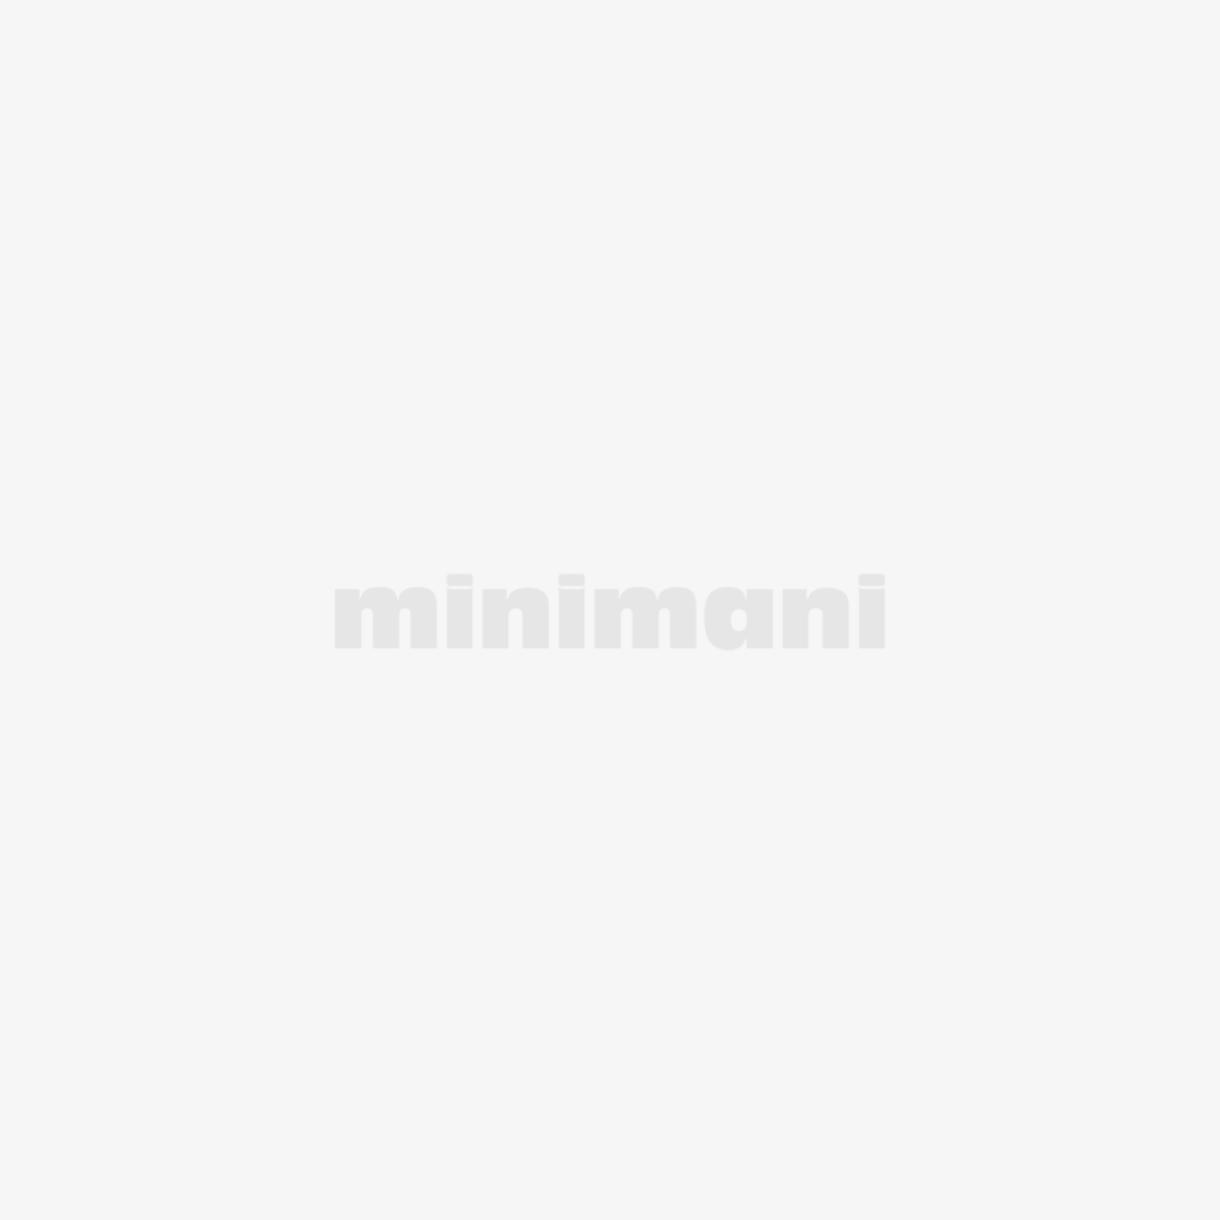 PHILIPS GC2046/20 SILITYSRAUTA 2200W SININEN